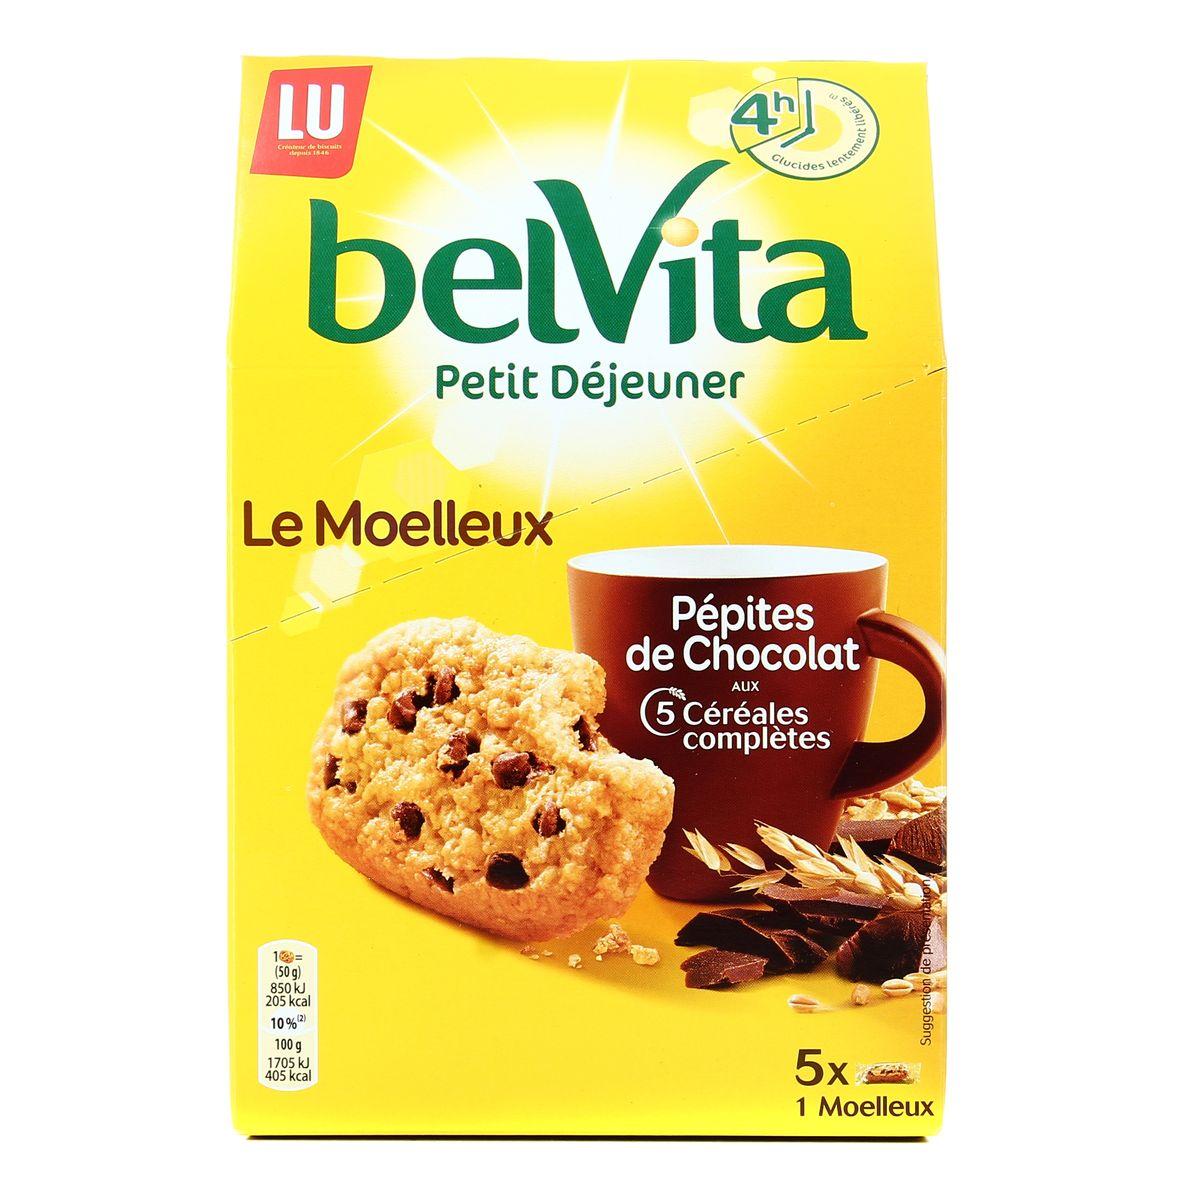 Belvita Petit déjeuner Le Moelleux pépites de chocolat, Lu (250 g)